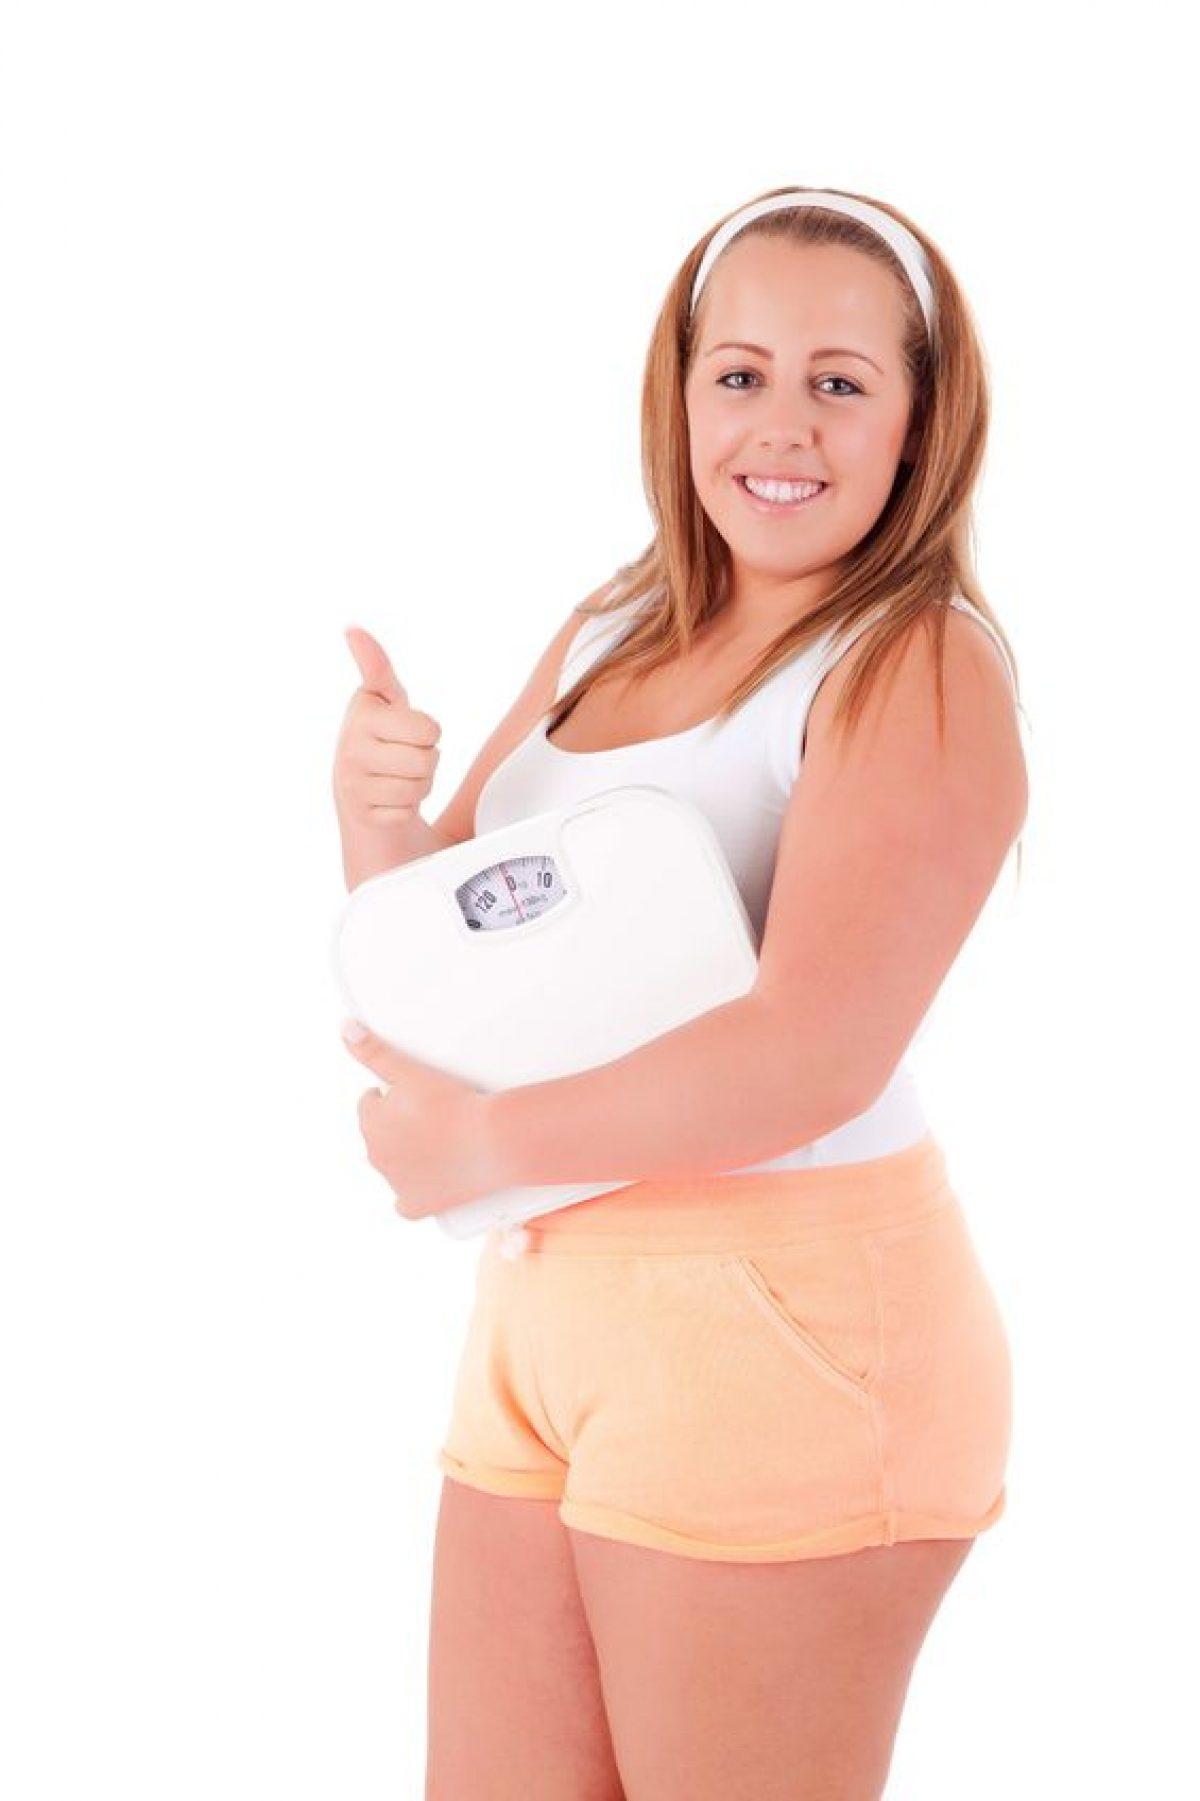 Diät, um in kurzer Zeit viel Gewicht zu verlieren